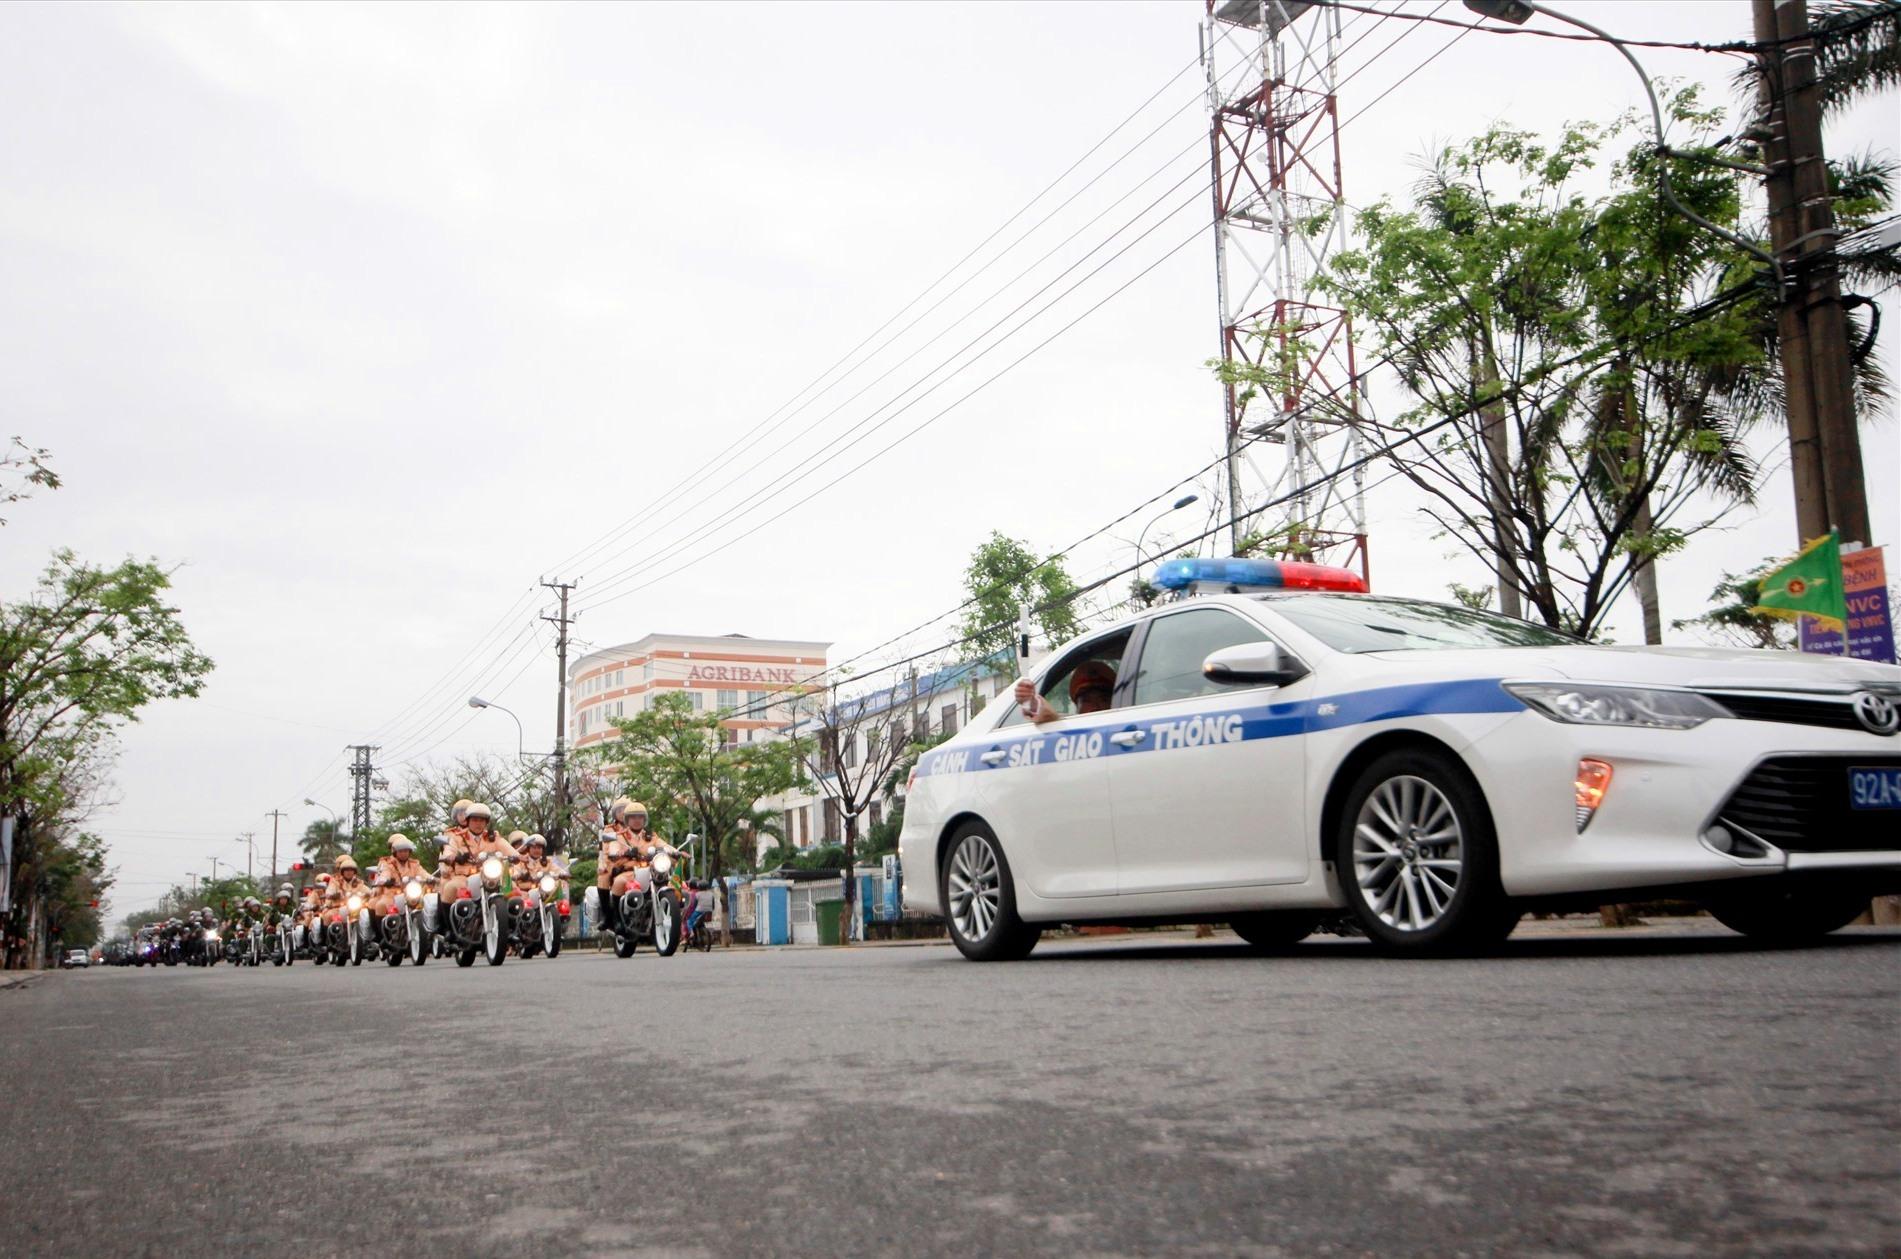 Các lực lượng thuộc Công an tỉnh điễu hành sau lễ ra quân đợt cao điểm tấn công trấn áp tội phạm sáng 15.12. Ảnh: T.C